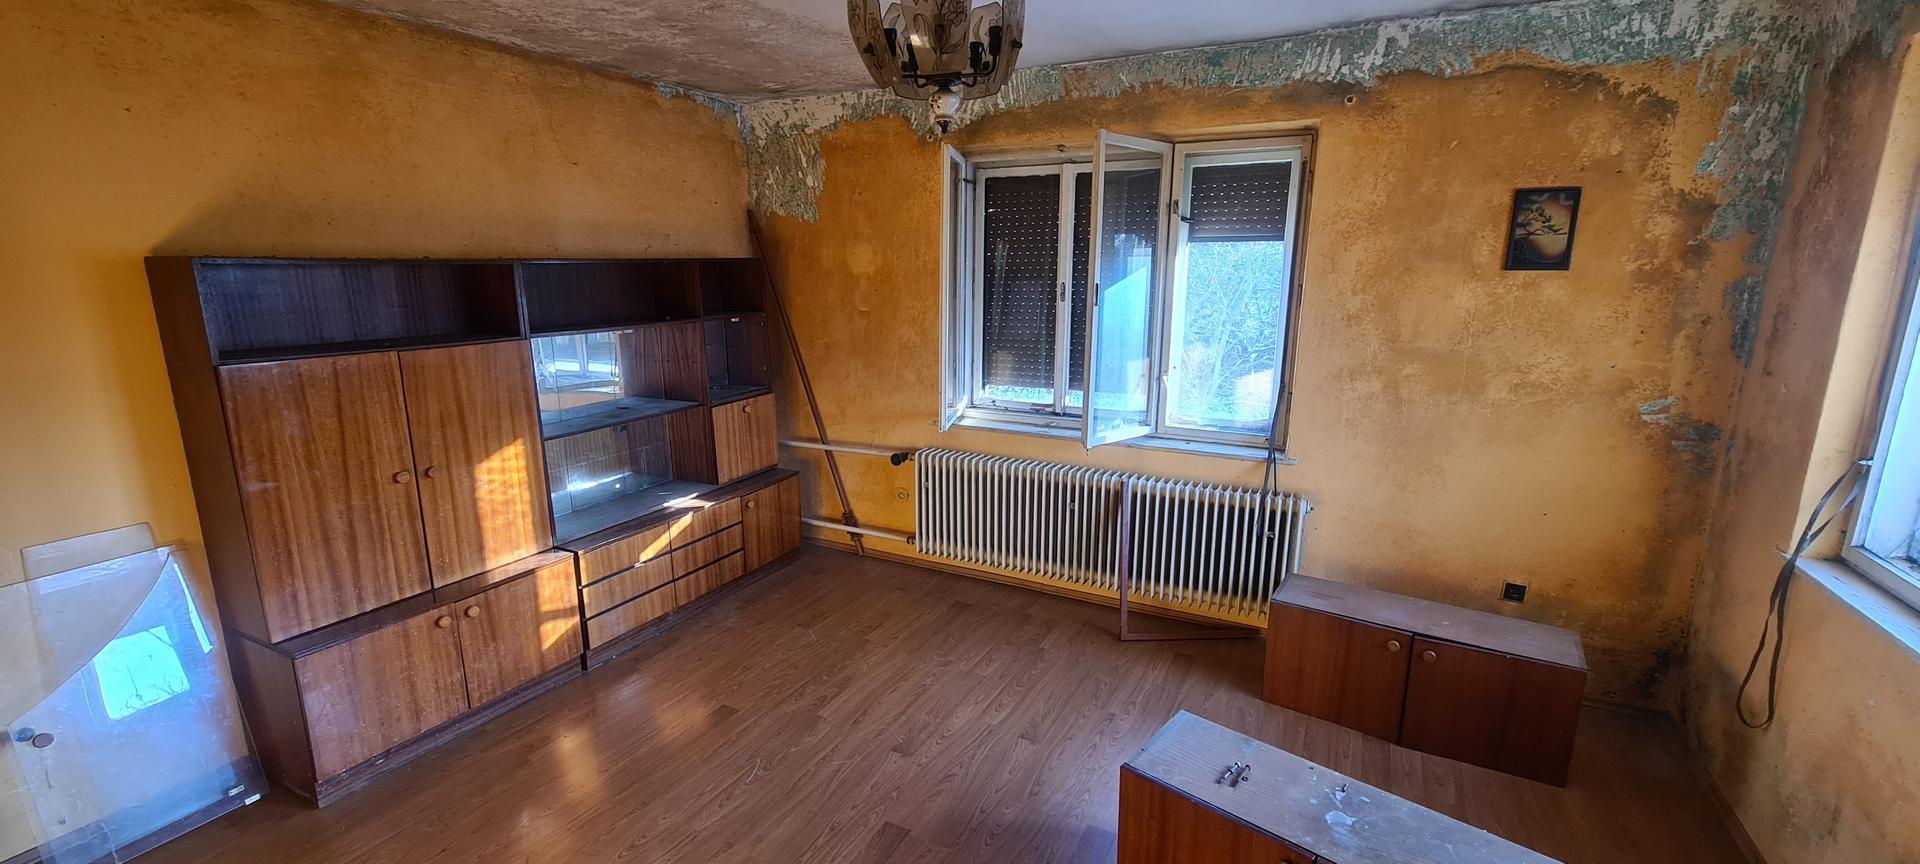 Rekonštrukcia Nášho domu - Obrázok č. 4